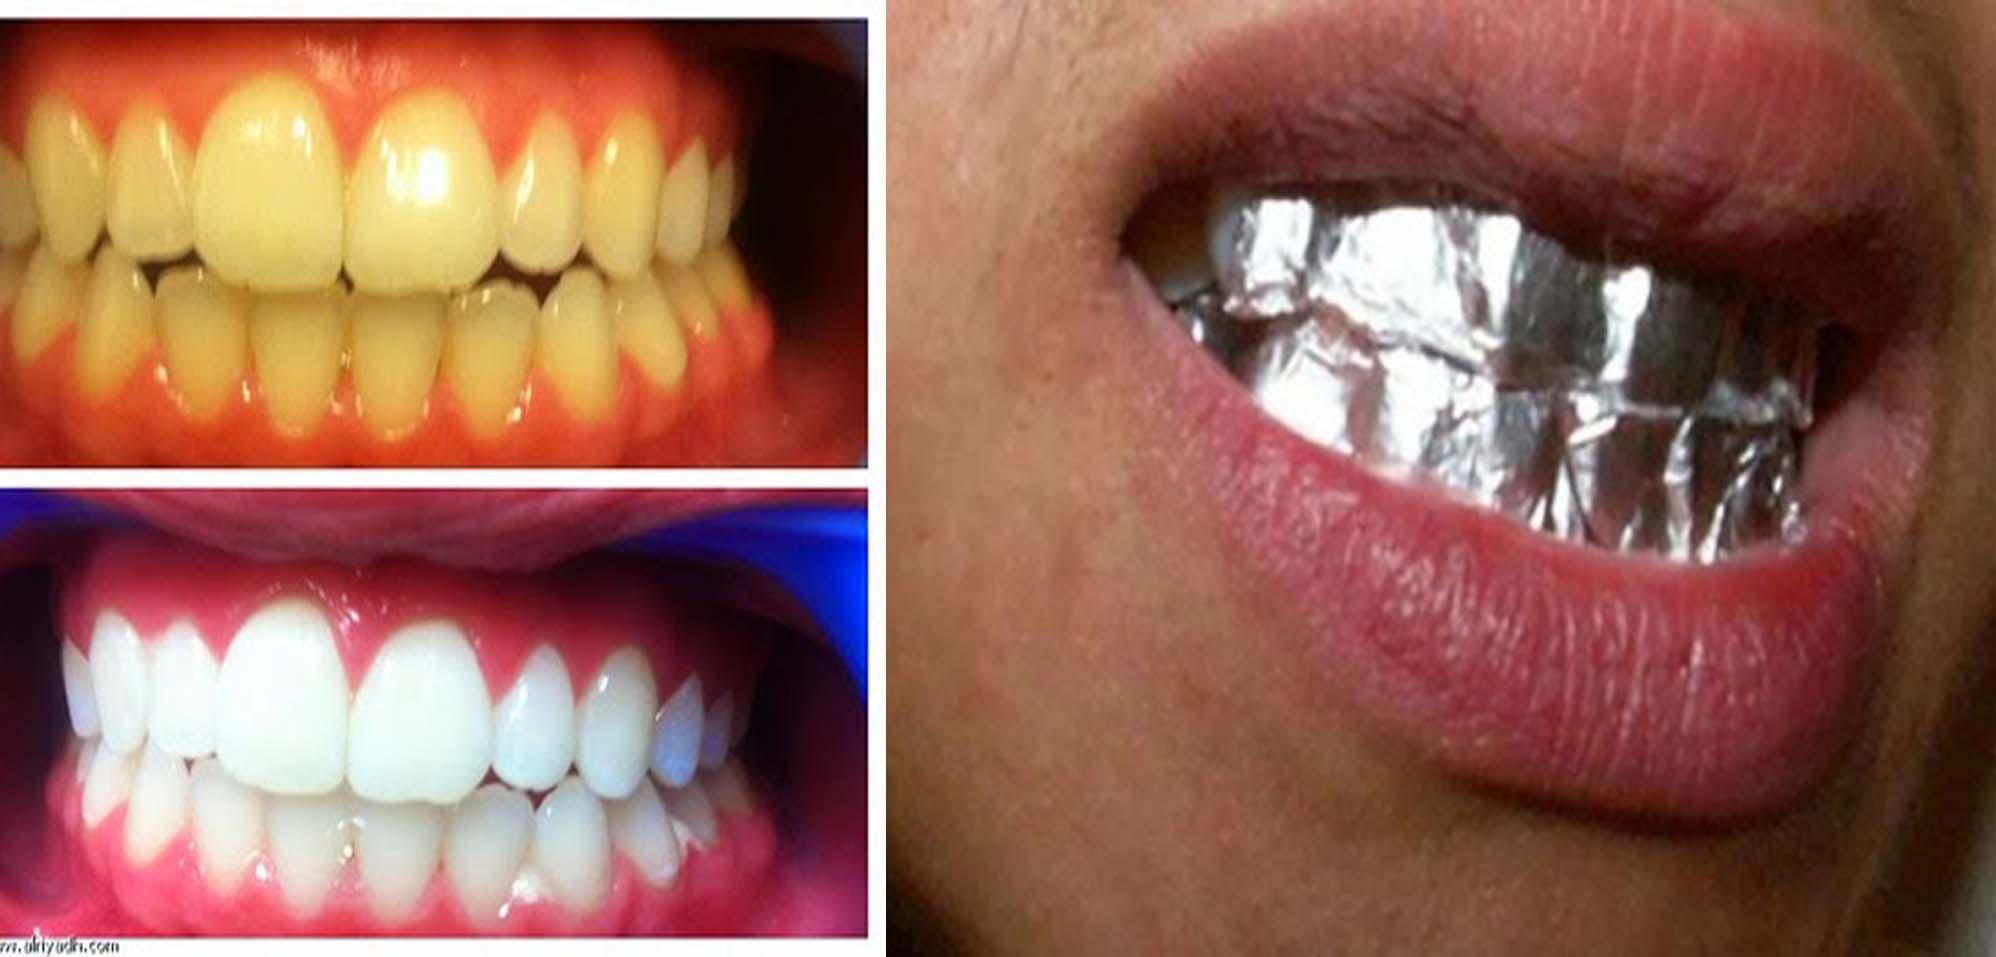 بالصور خلطات تبيض الاسنان , وصفات لجعل الاسنان بيضاء 1267 2